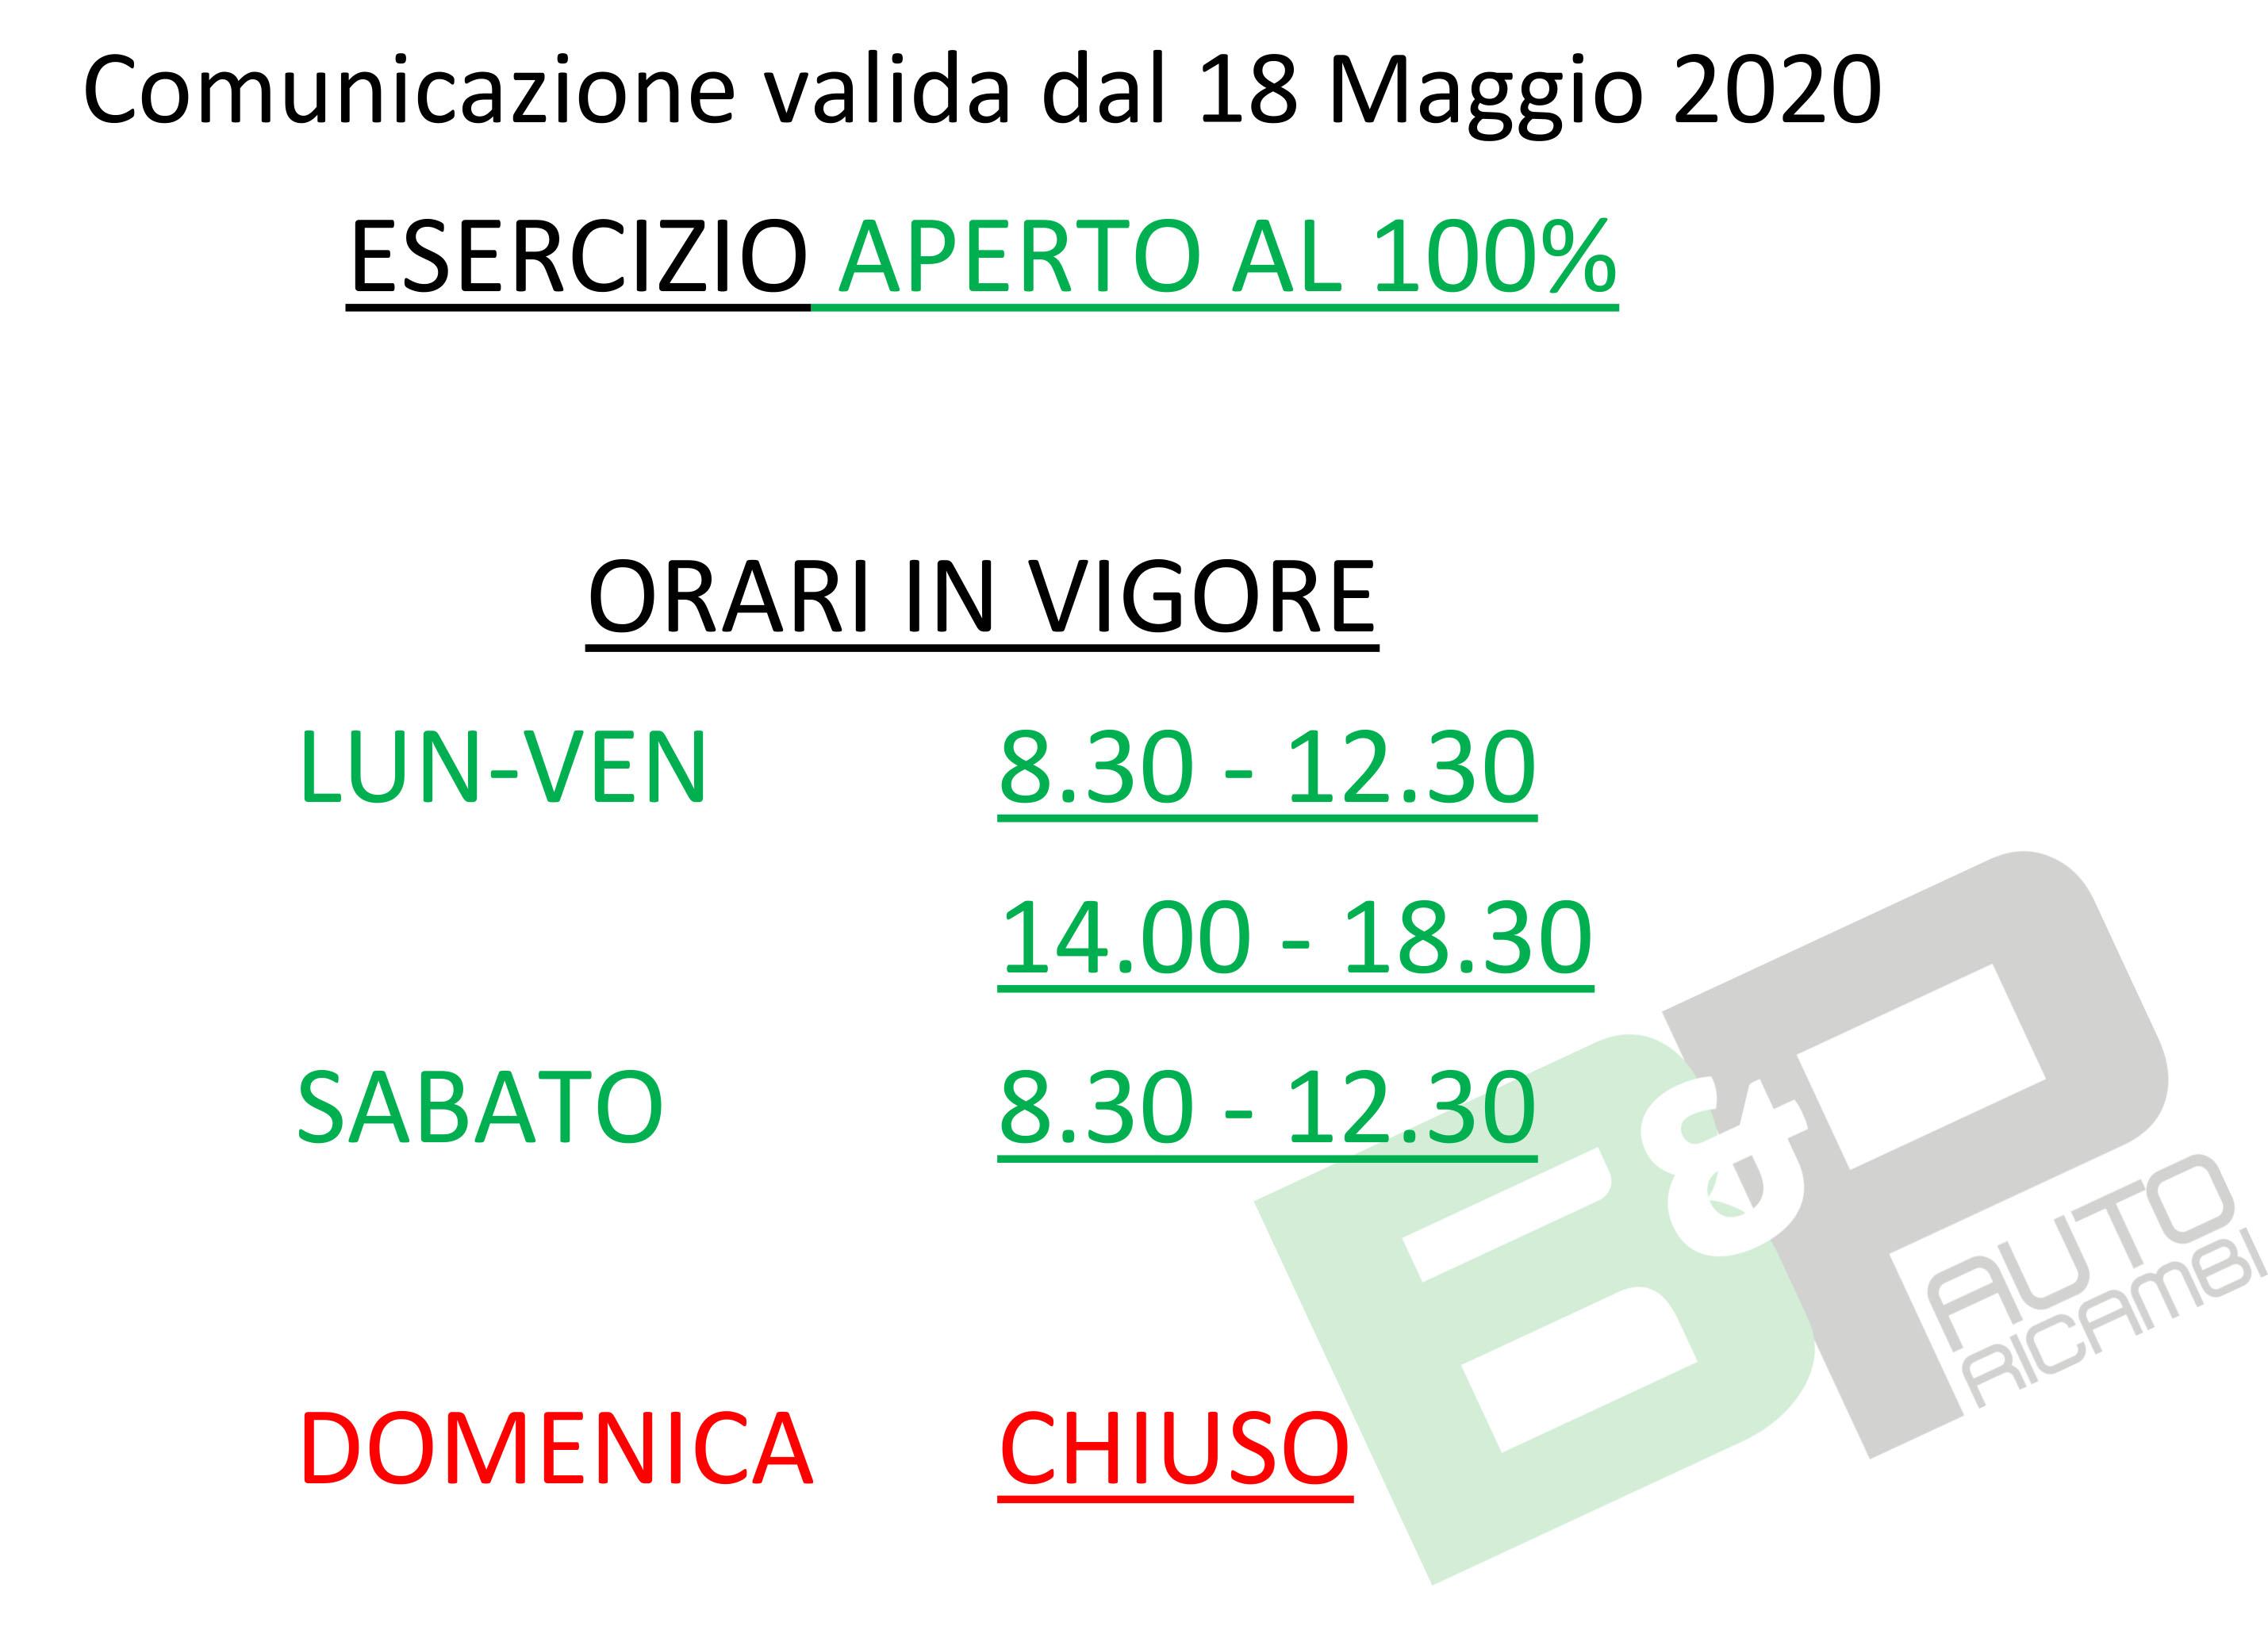 18 MAGGIO 2020 - ESERCIZIO APERTO